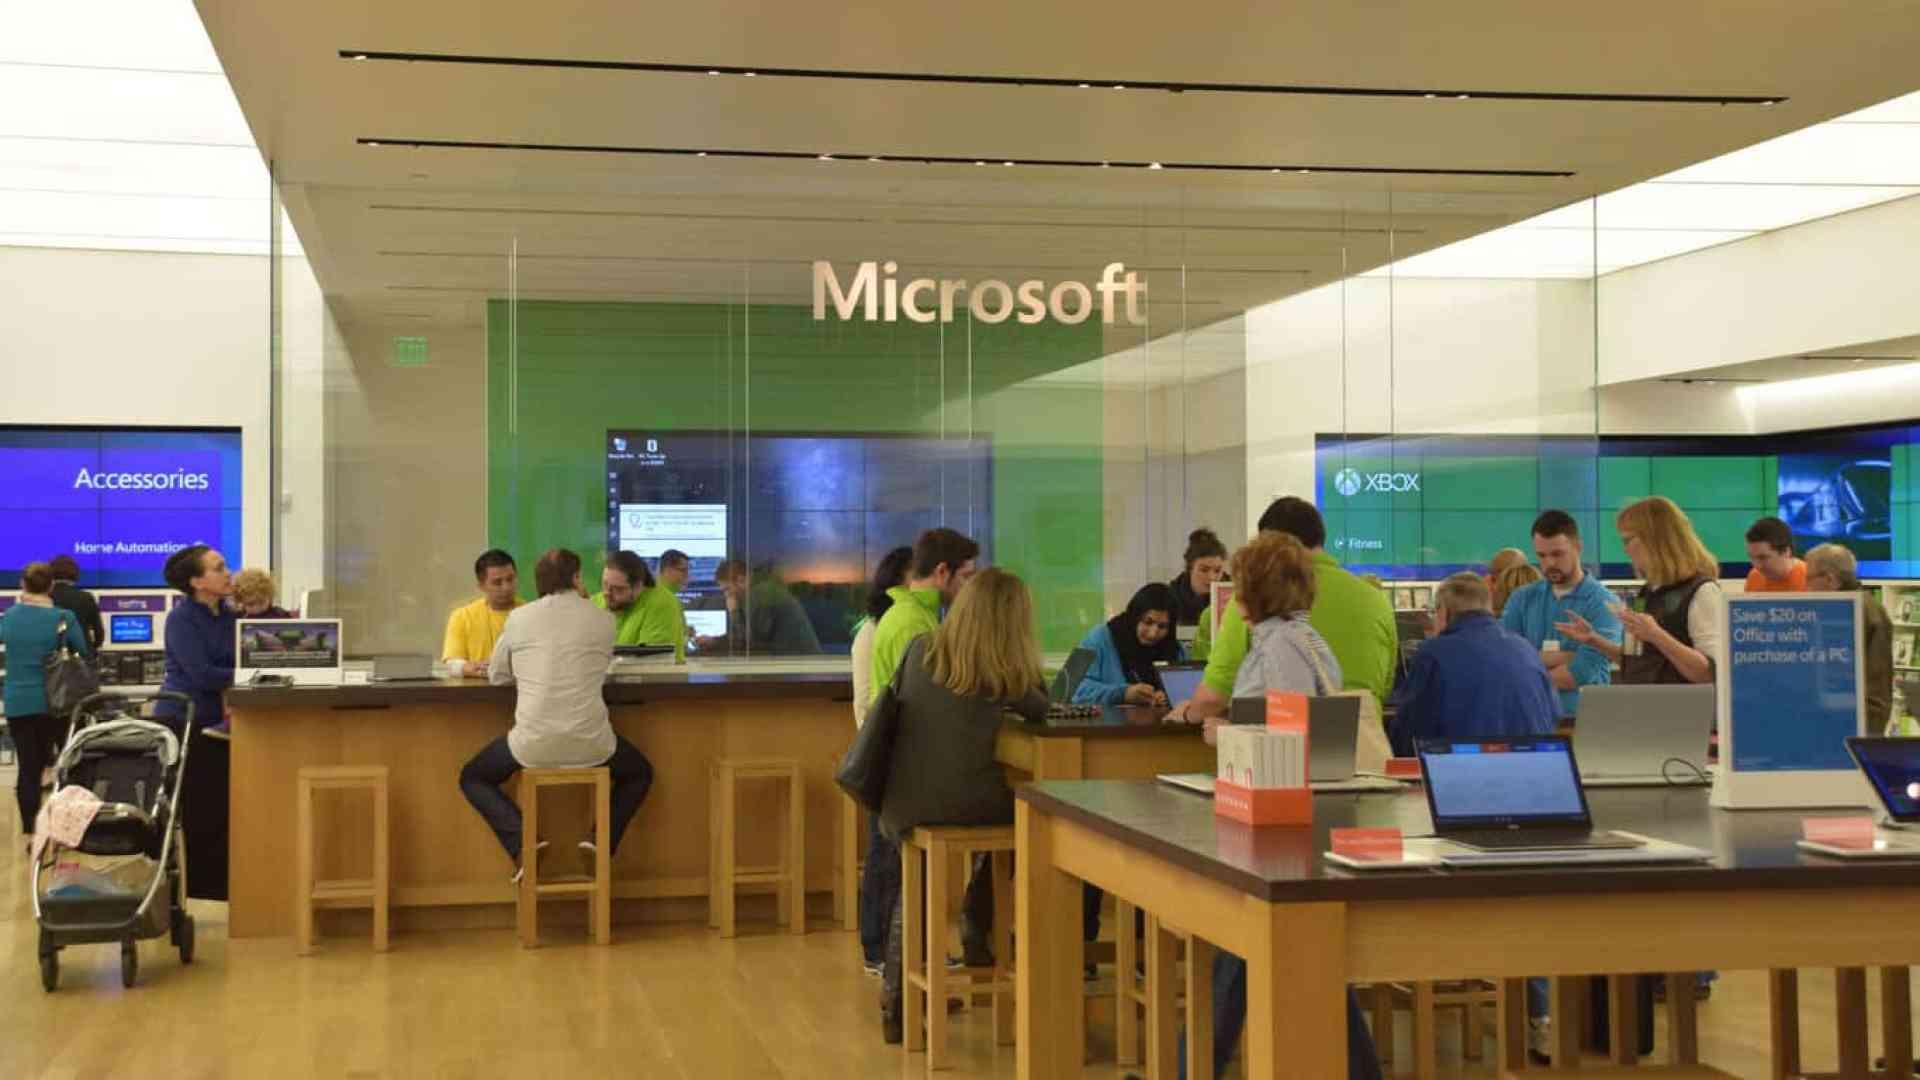 Microsoft-Store-Interior-1